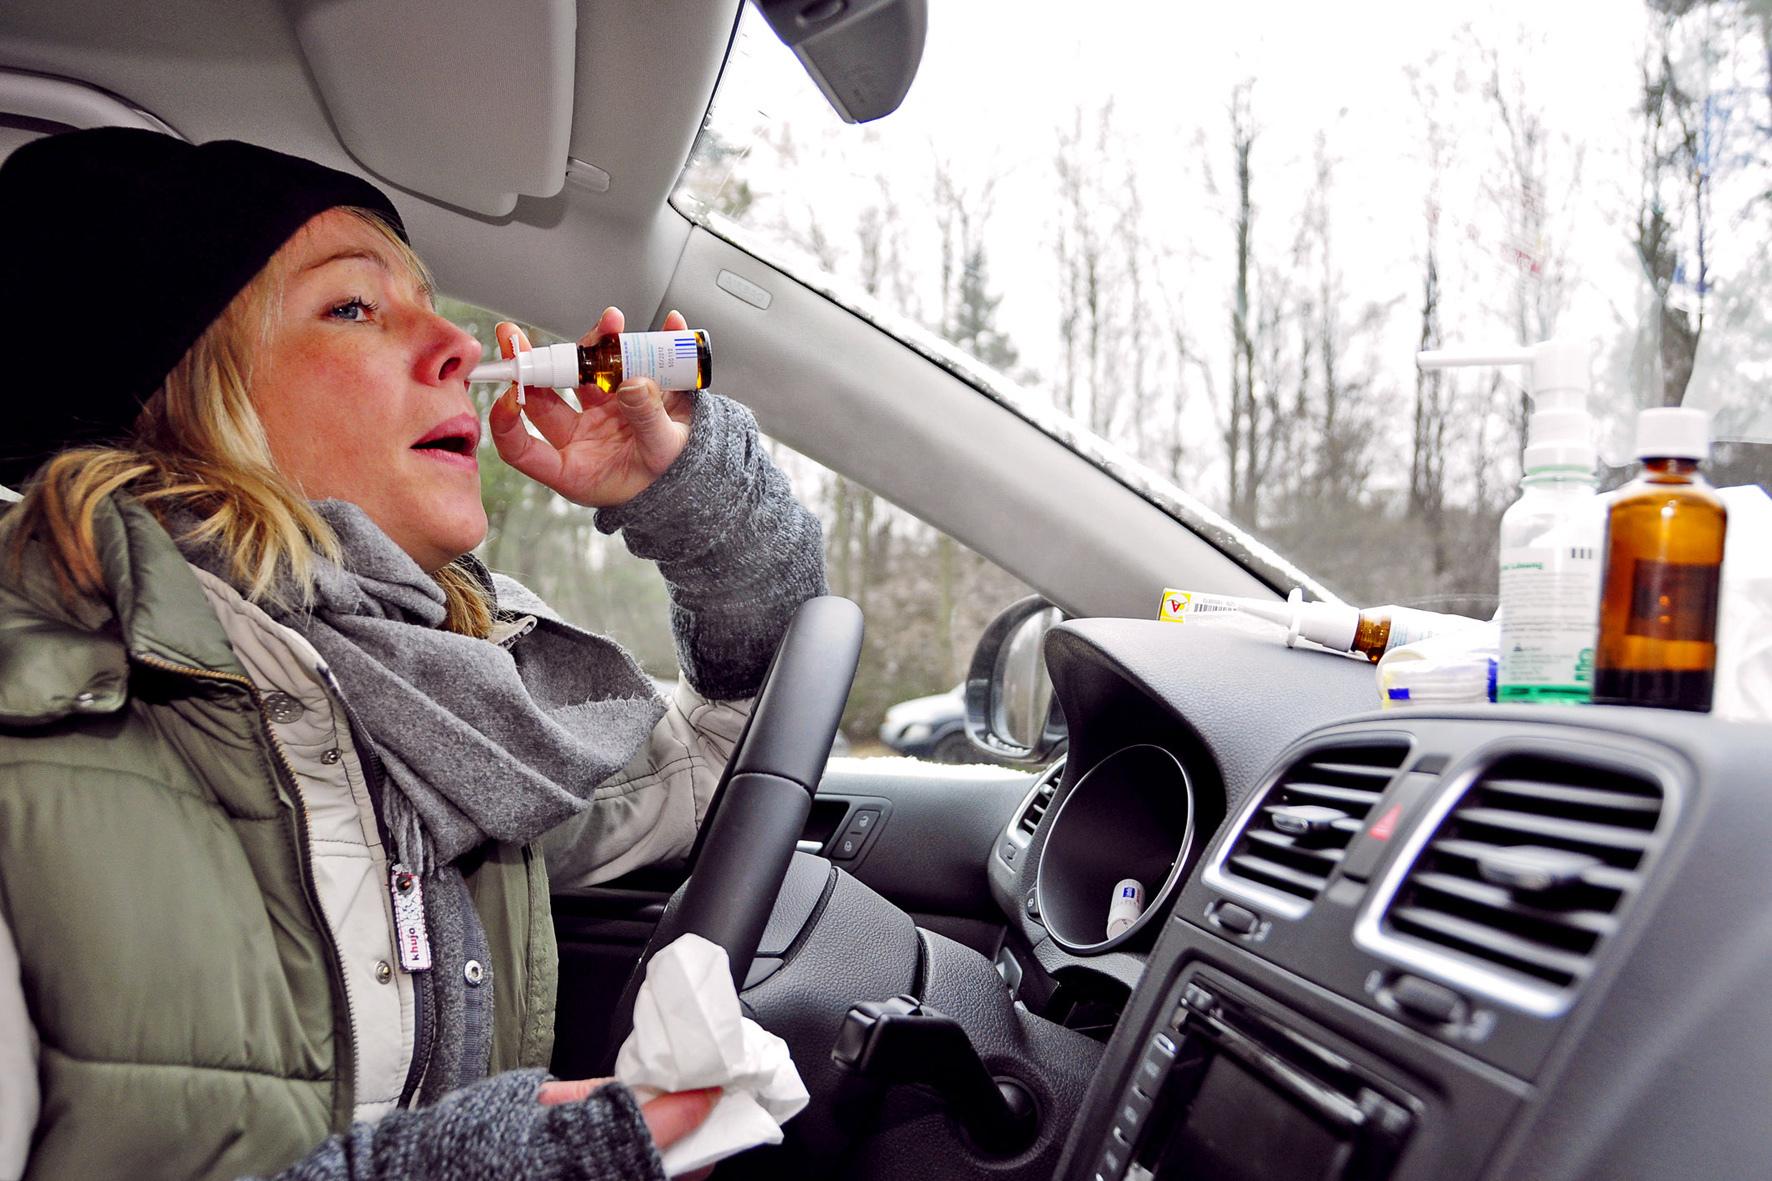 mid Düsseldorf - Medikamente beeinträchtigen die Fahrtüchtigkeit. So können etwa Nasensprays oder Hustensäfte die Reaktionsfähigkeit von Autofahrern verlangsamen.